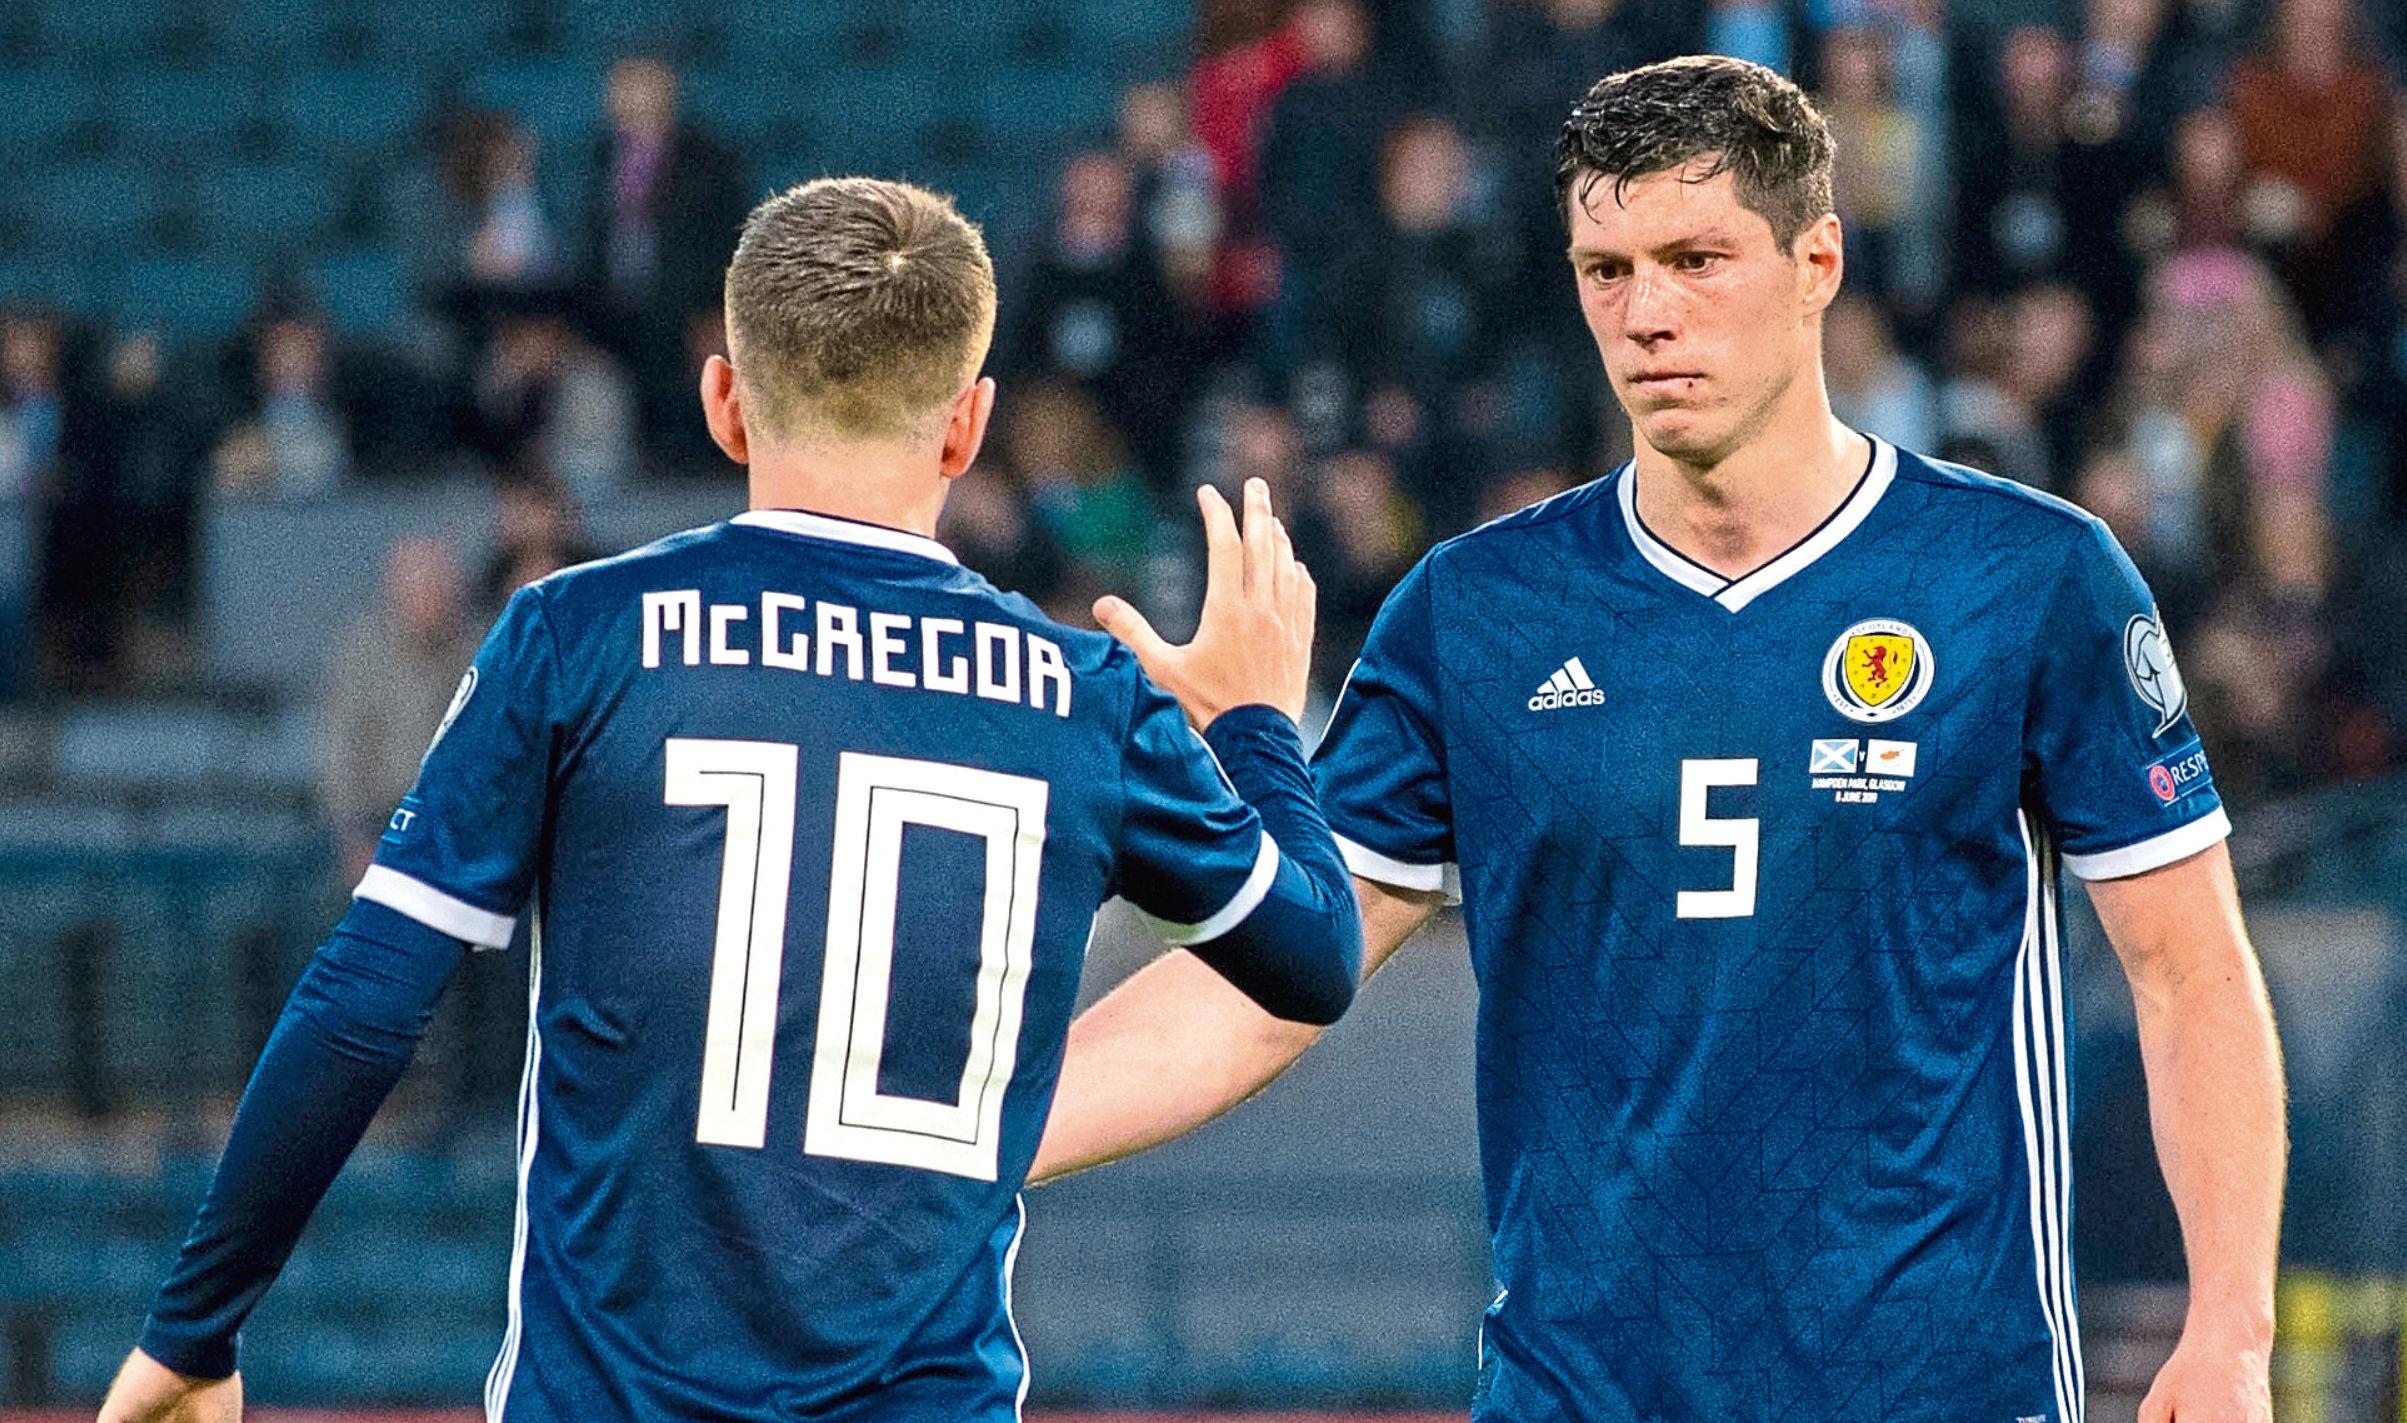 Scotland's Callum McGregor, left, and Scott McKenna embrace at full-time.